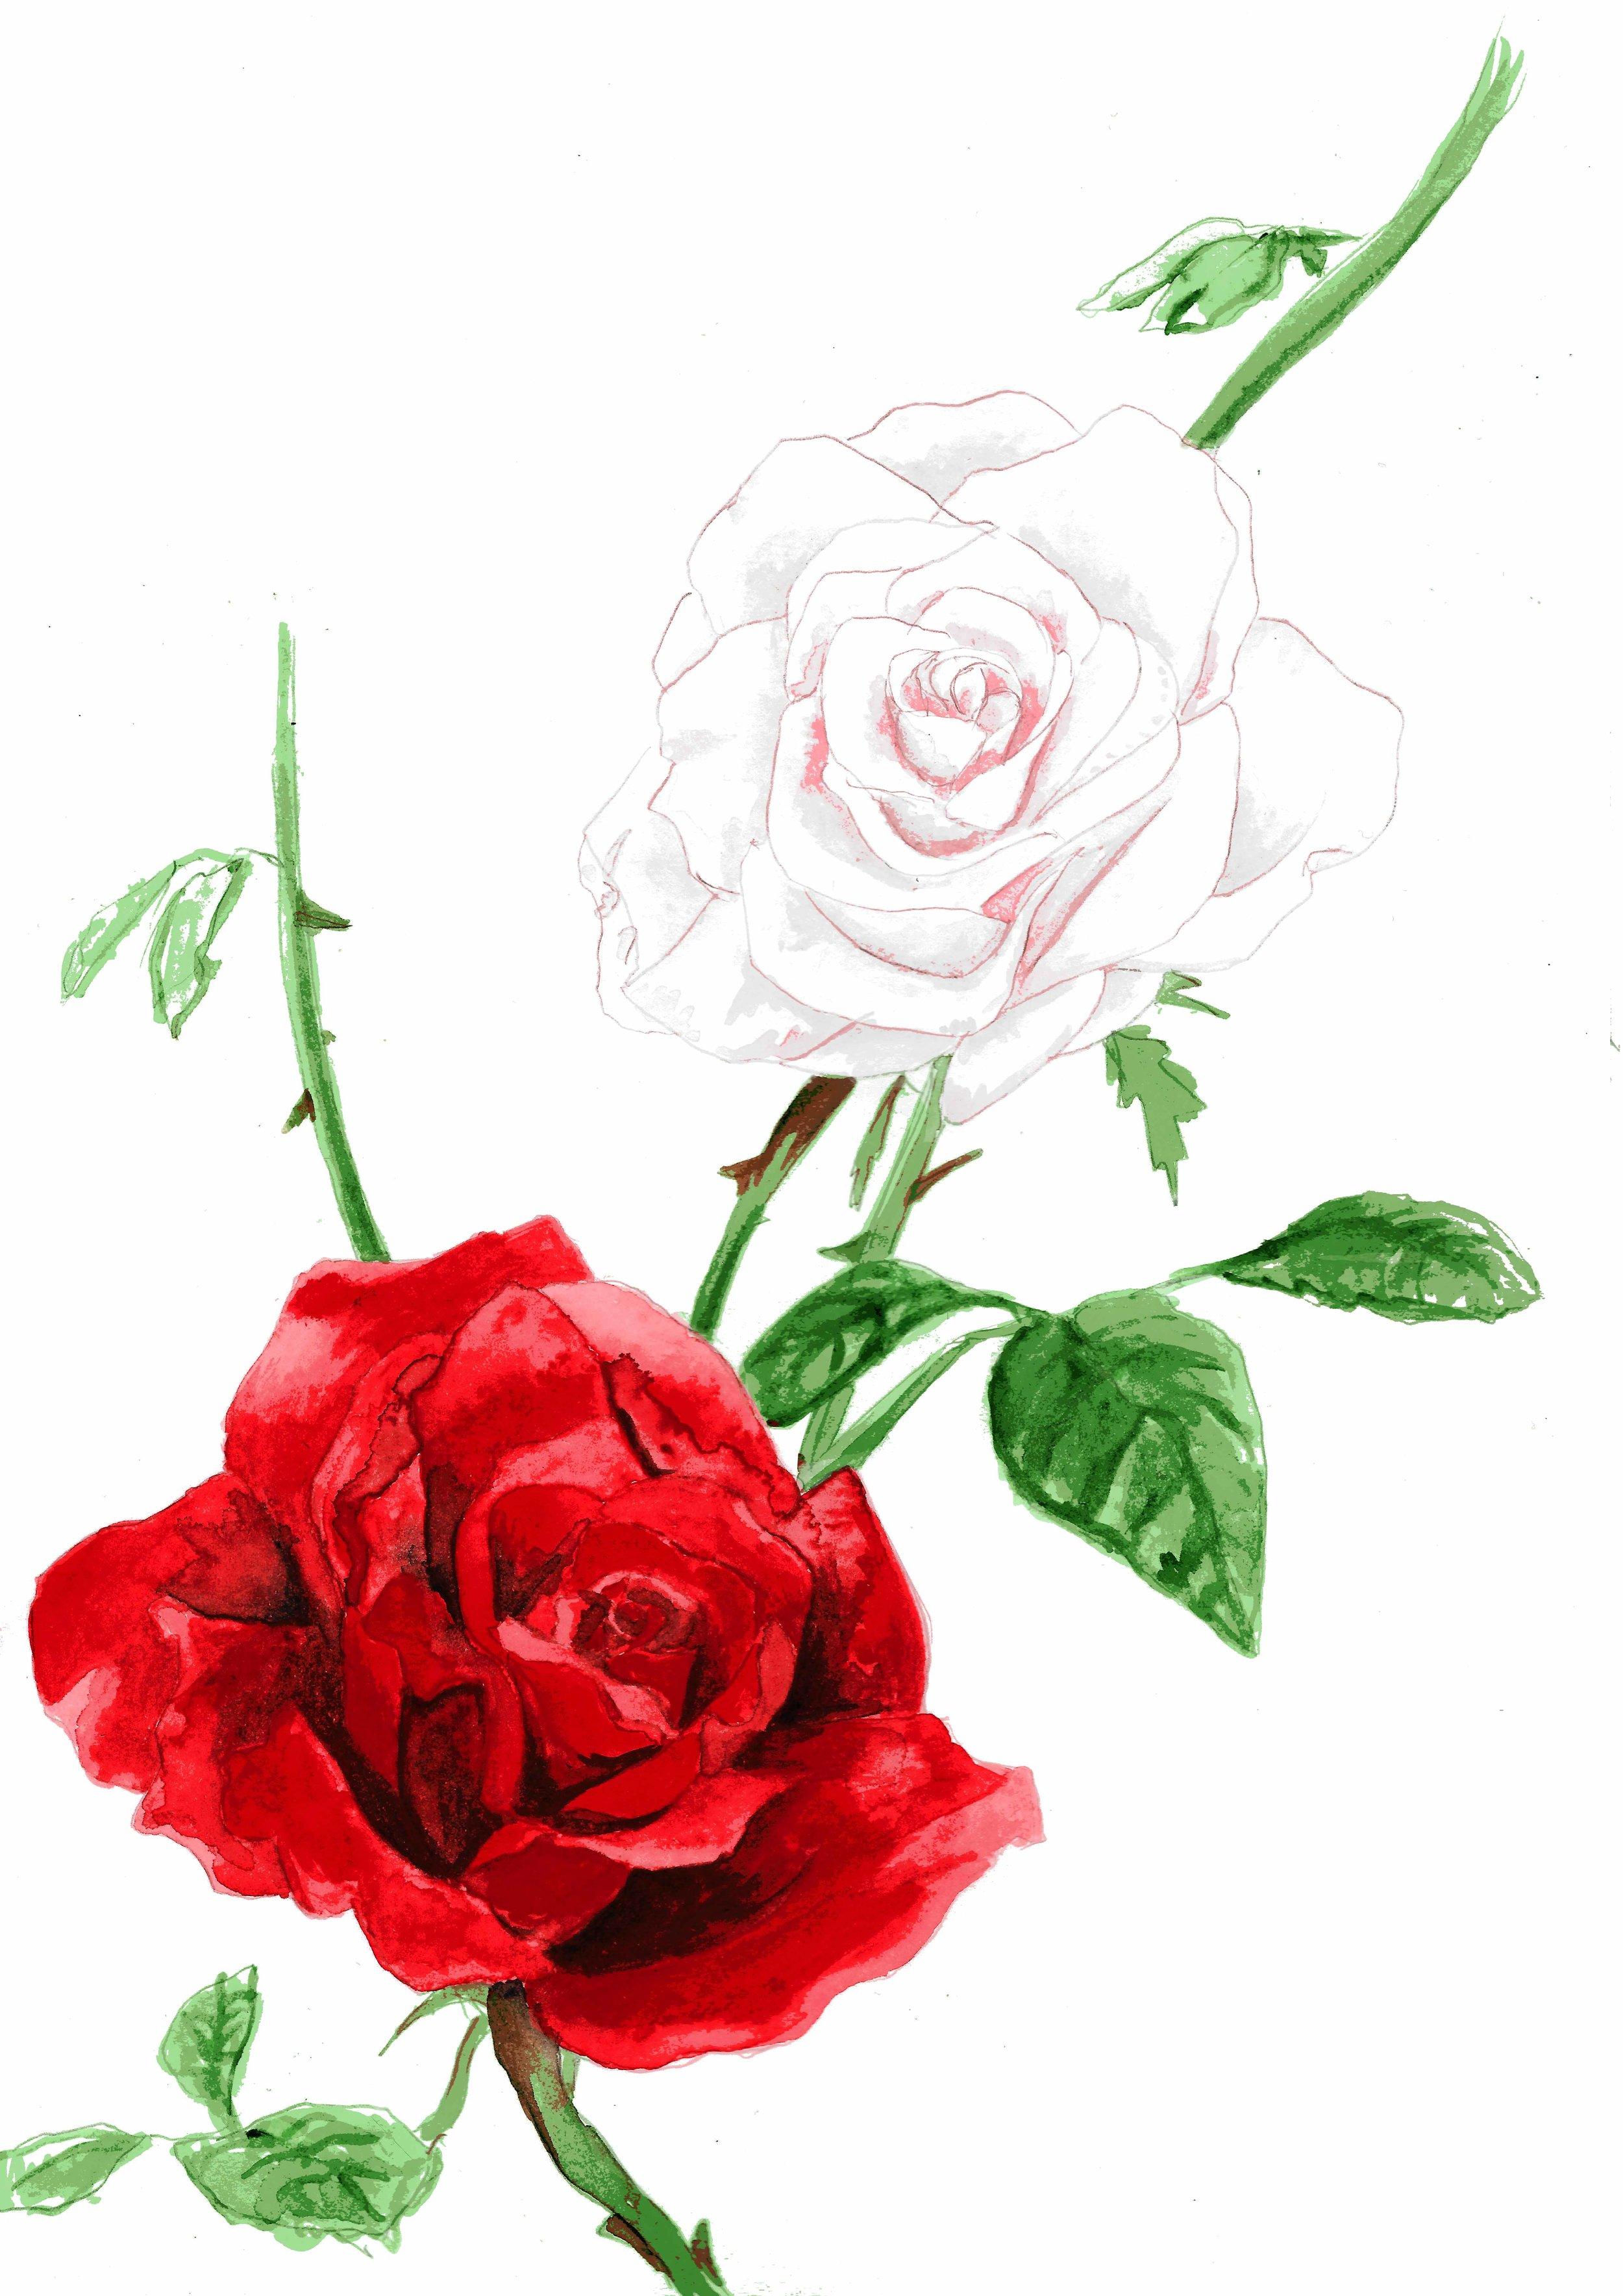 toby curden illustration-roses small.jpg